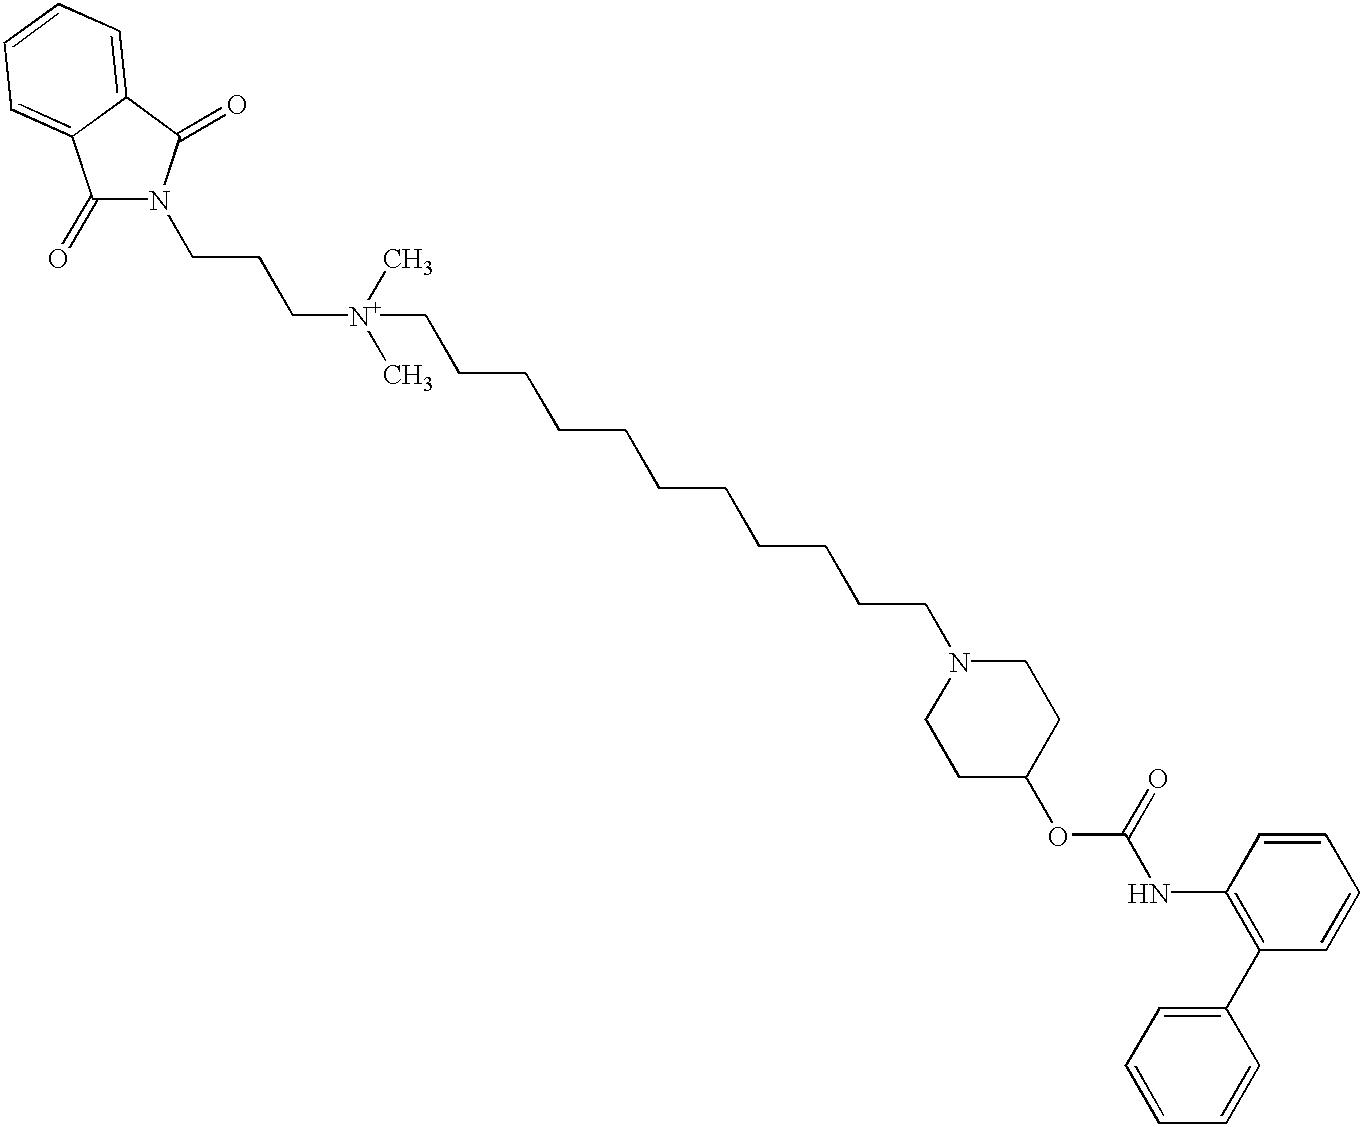 Figure US06693202-20040217-C00167